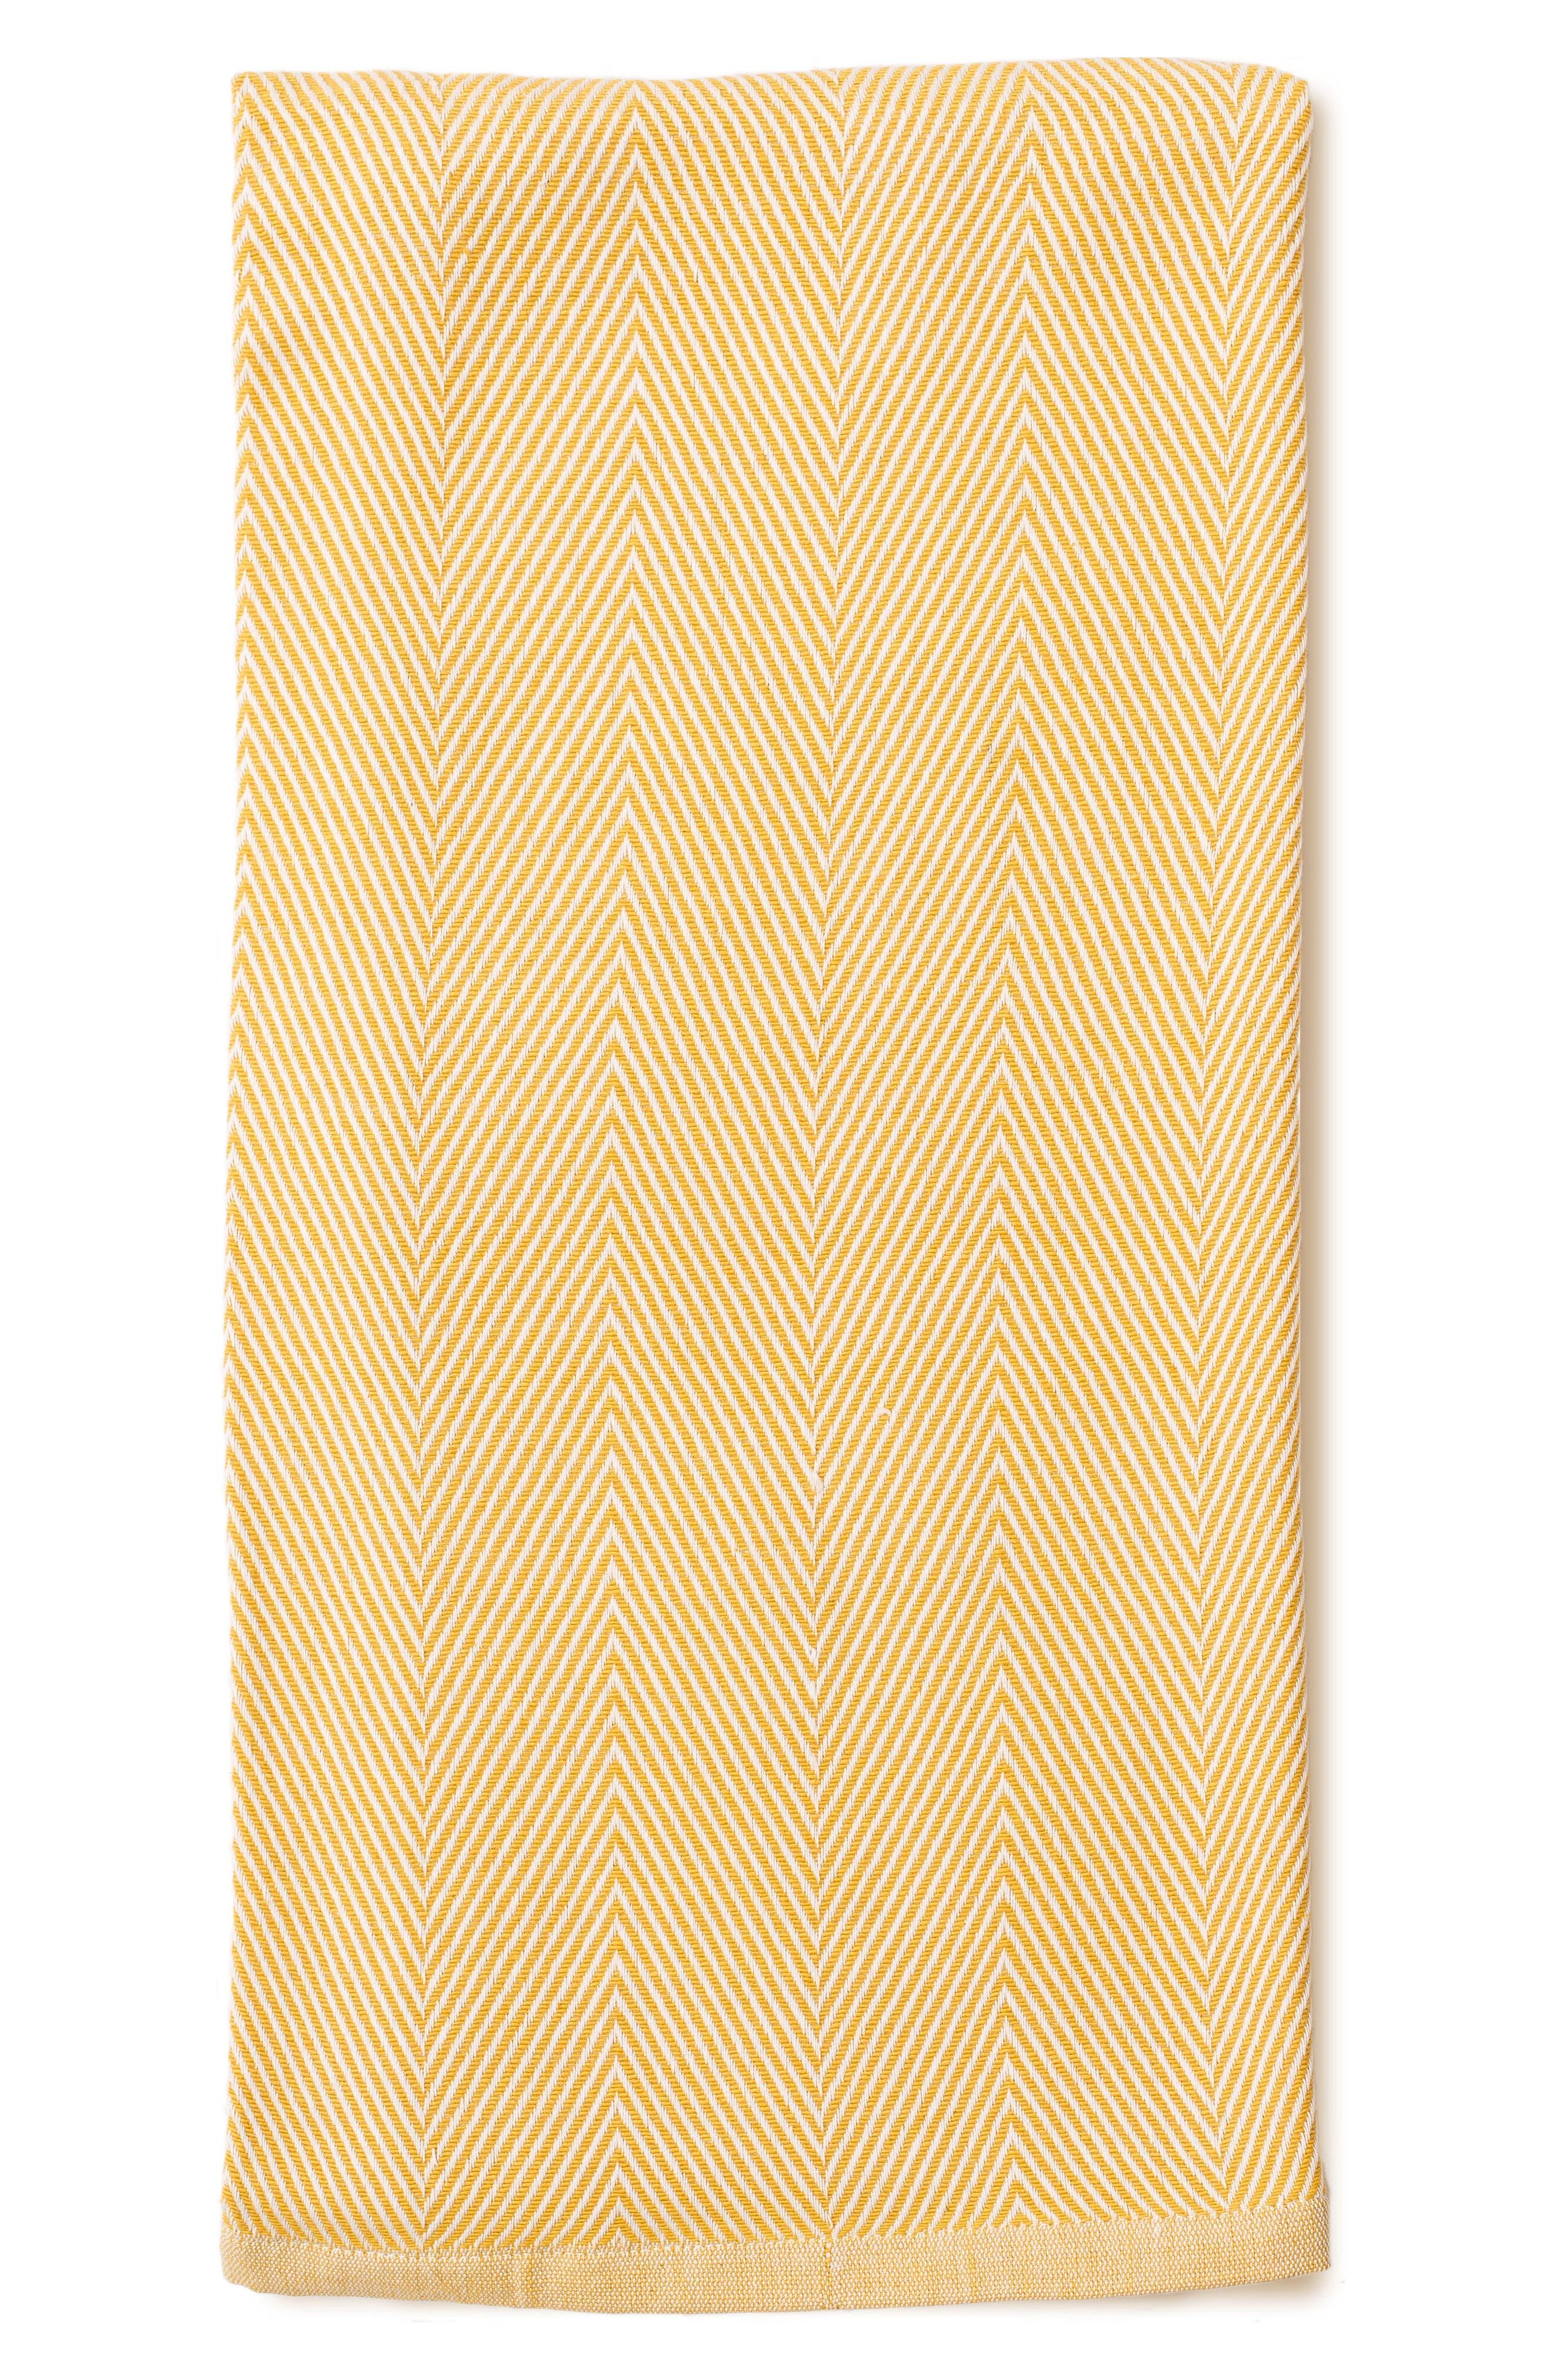 Herringbone Organic Cotton Blanket,                             Main thumbnail 1, color,                             Citron